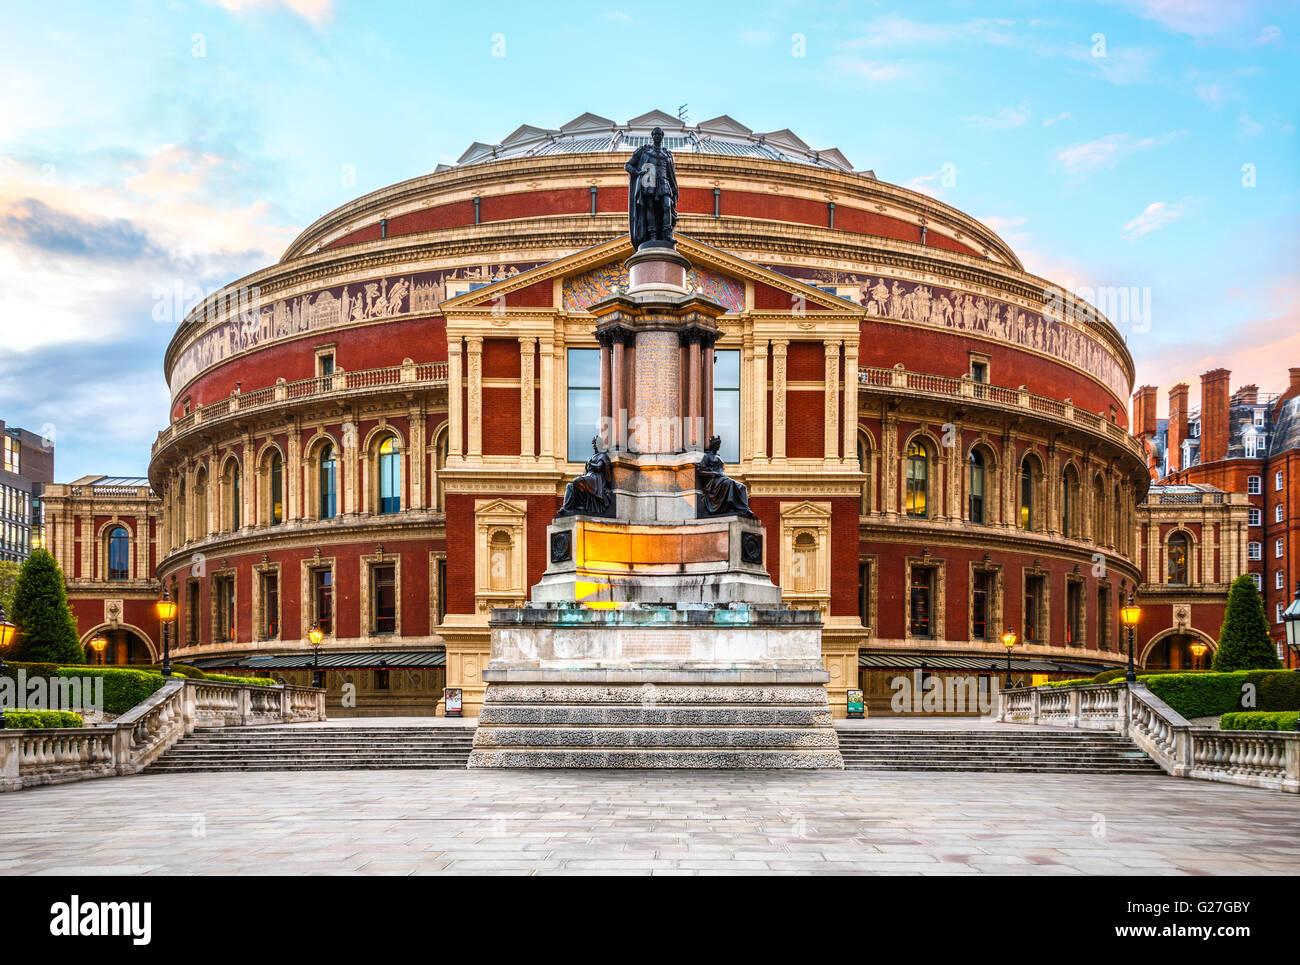 Royal Albert Hall, London, England, UK, with sunset - Stock Image